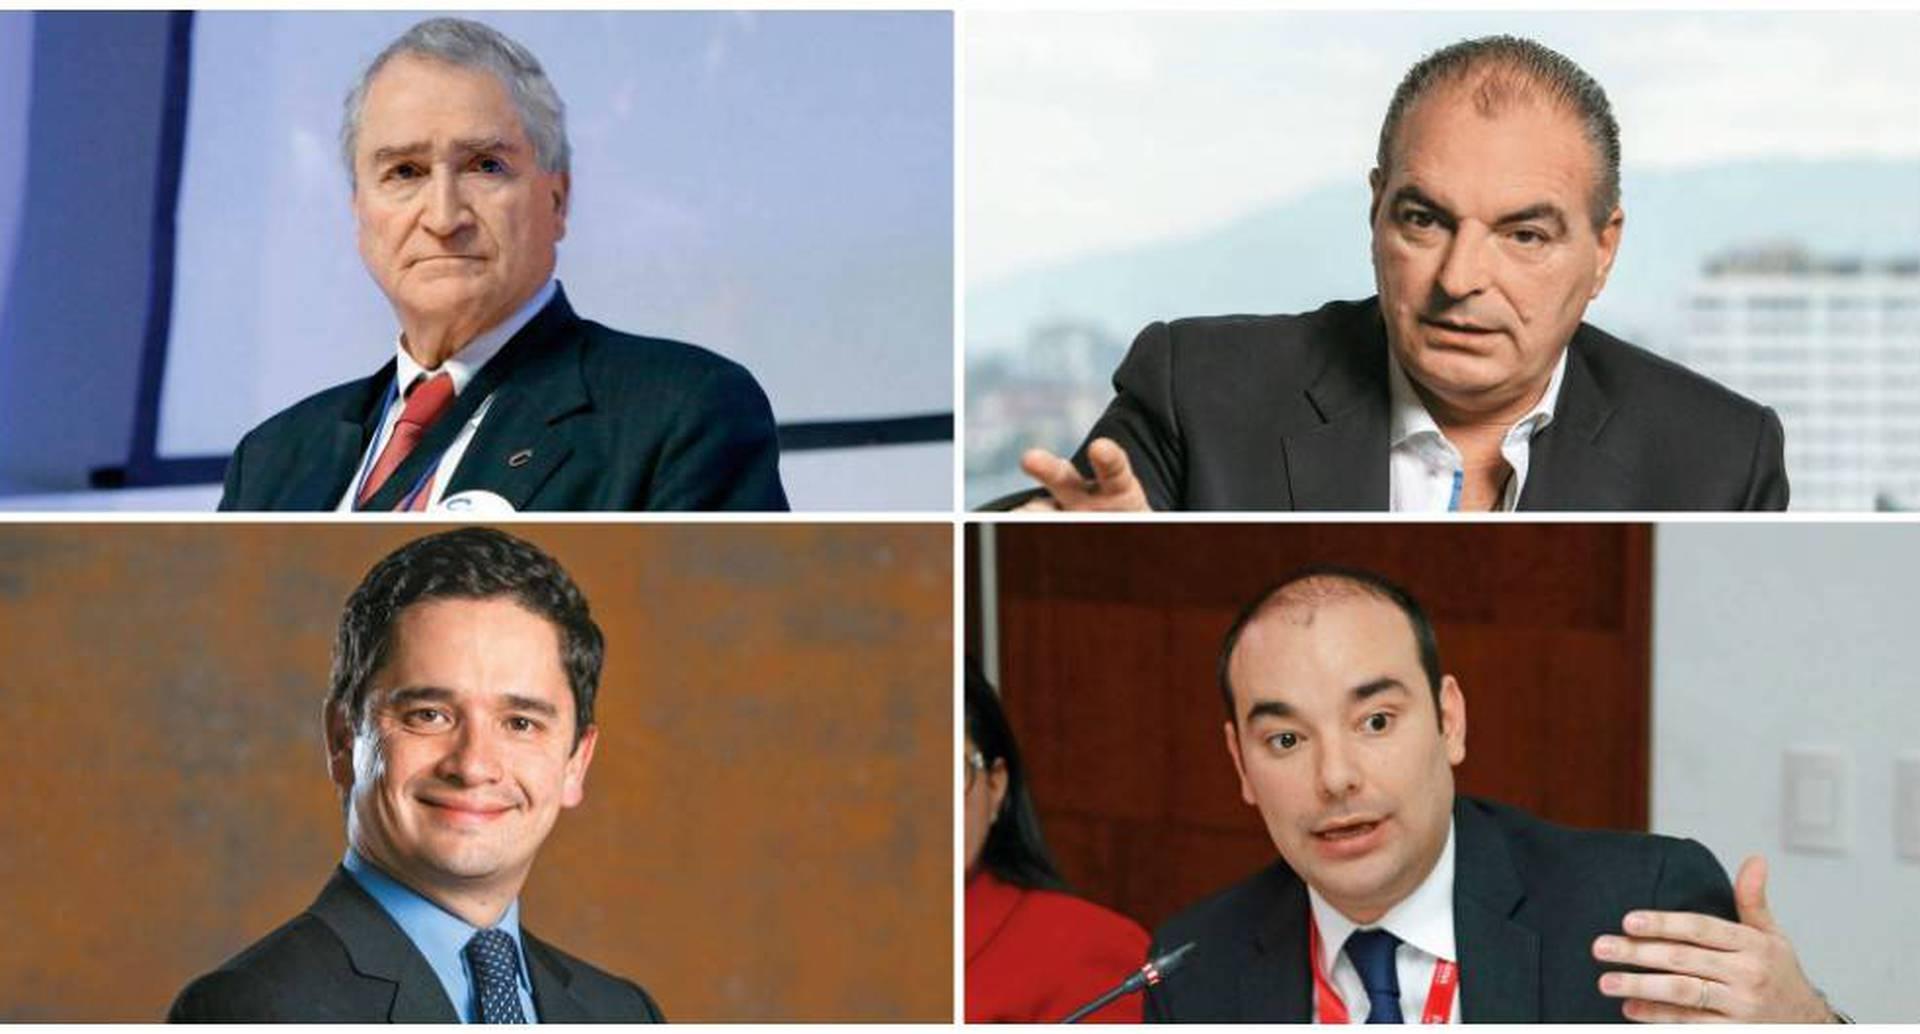 Los líderes de los partidos que podrían entrar al gobierno hablaron con SEMANA sobre esa posibilidad.